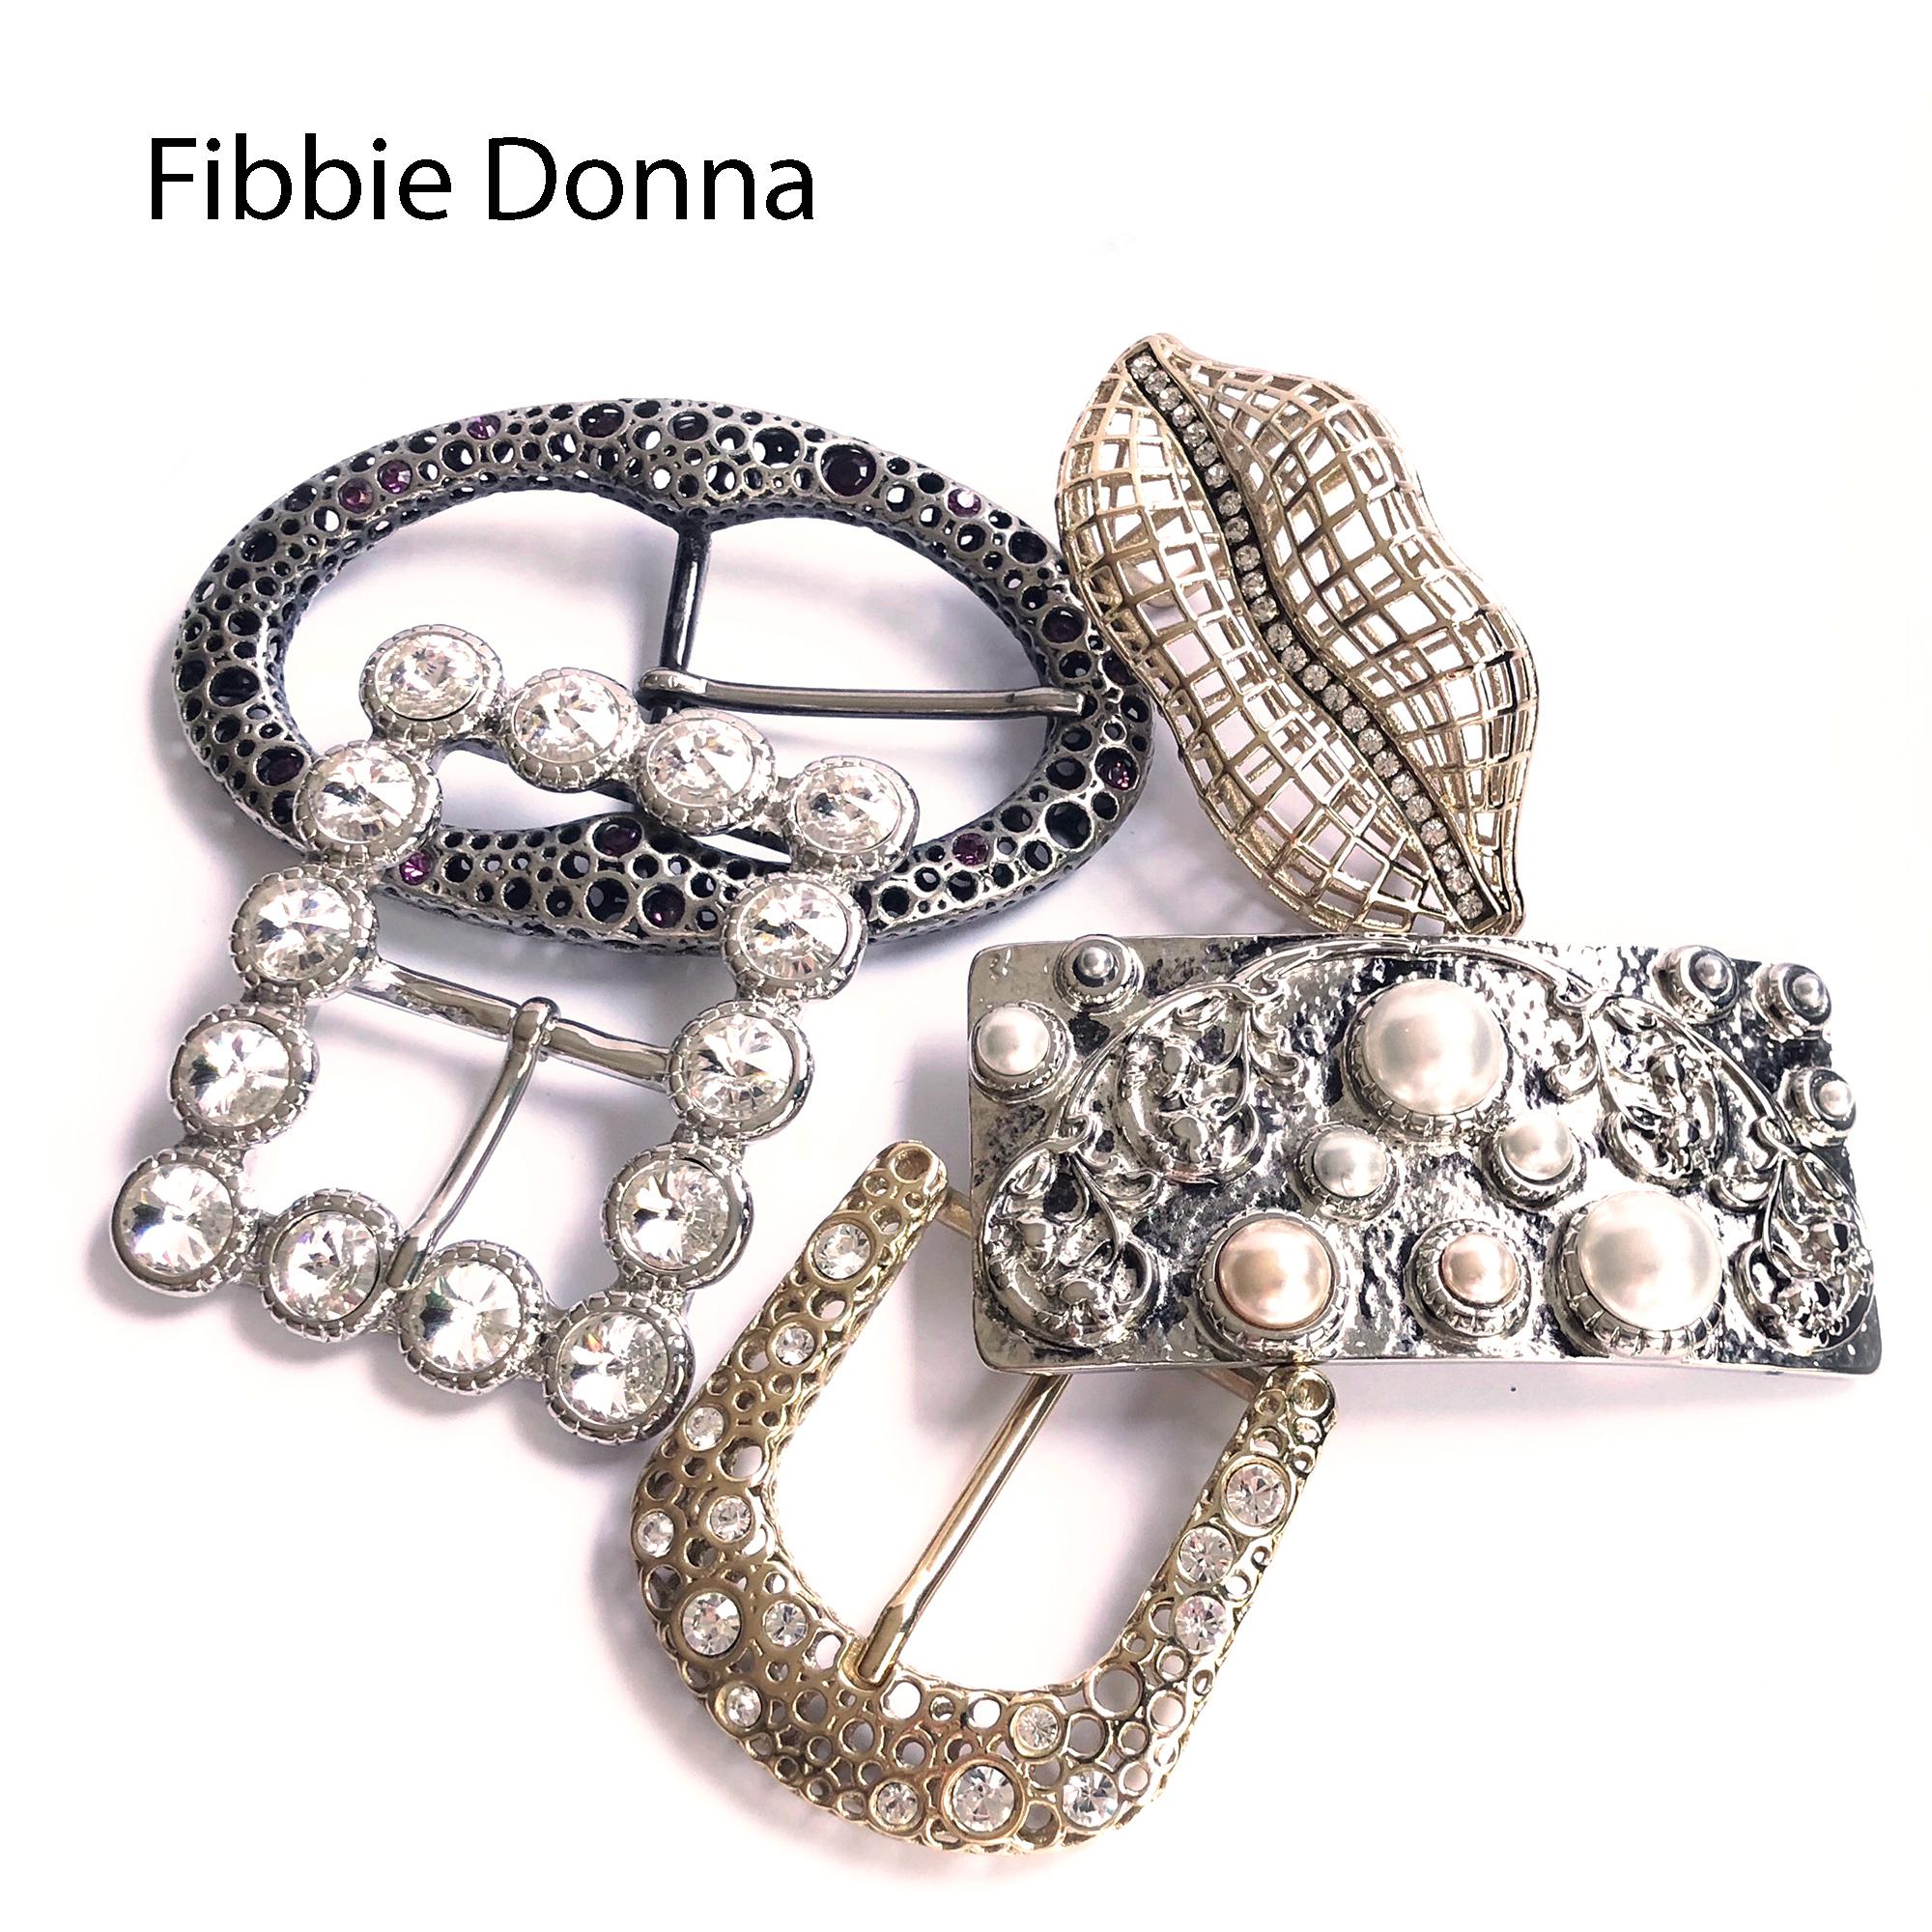 Fibbie Donna - Guimer Srl